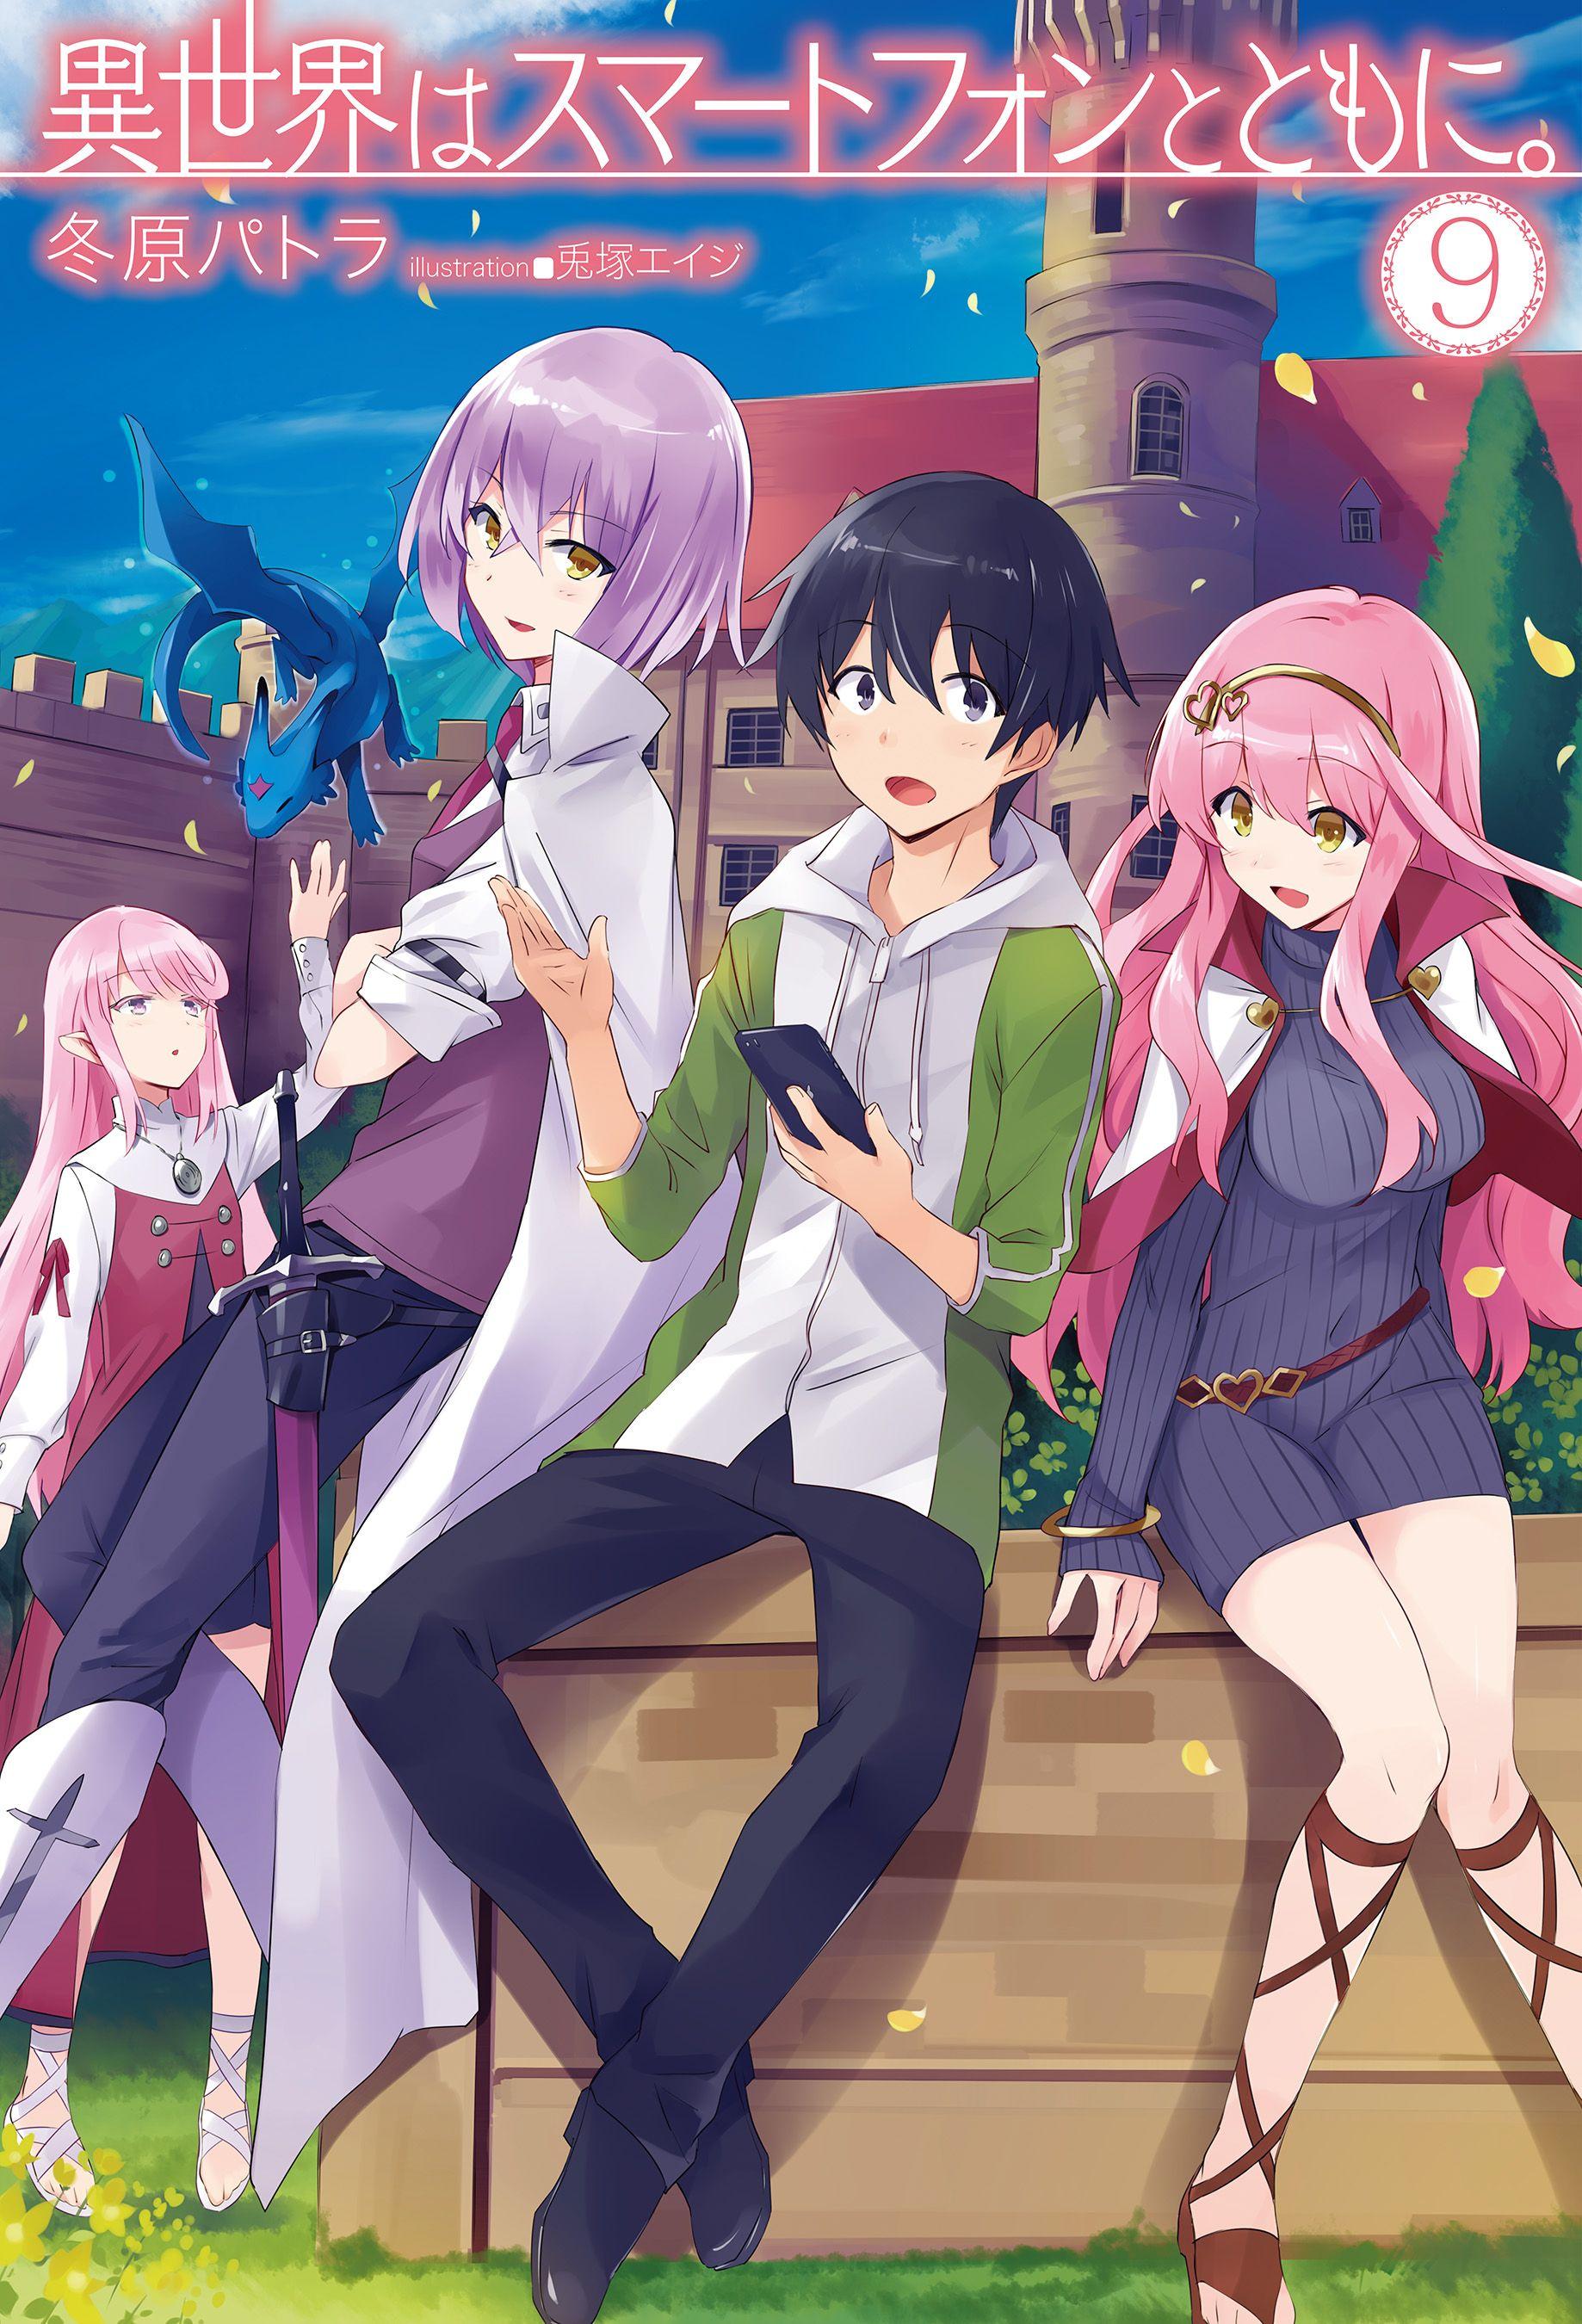 Pinterest Anime, Light novel, Anime images